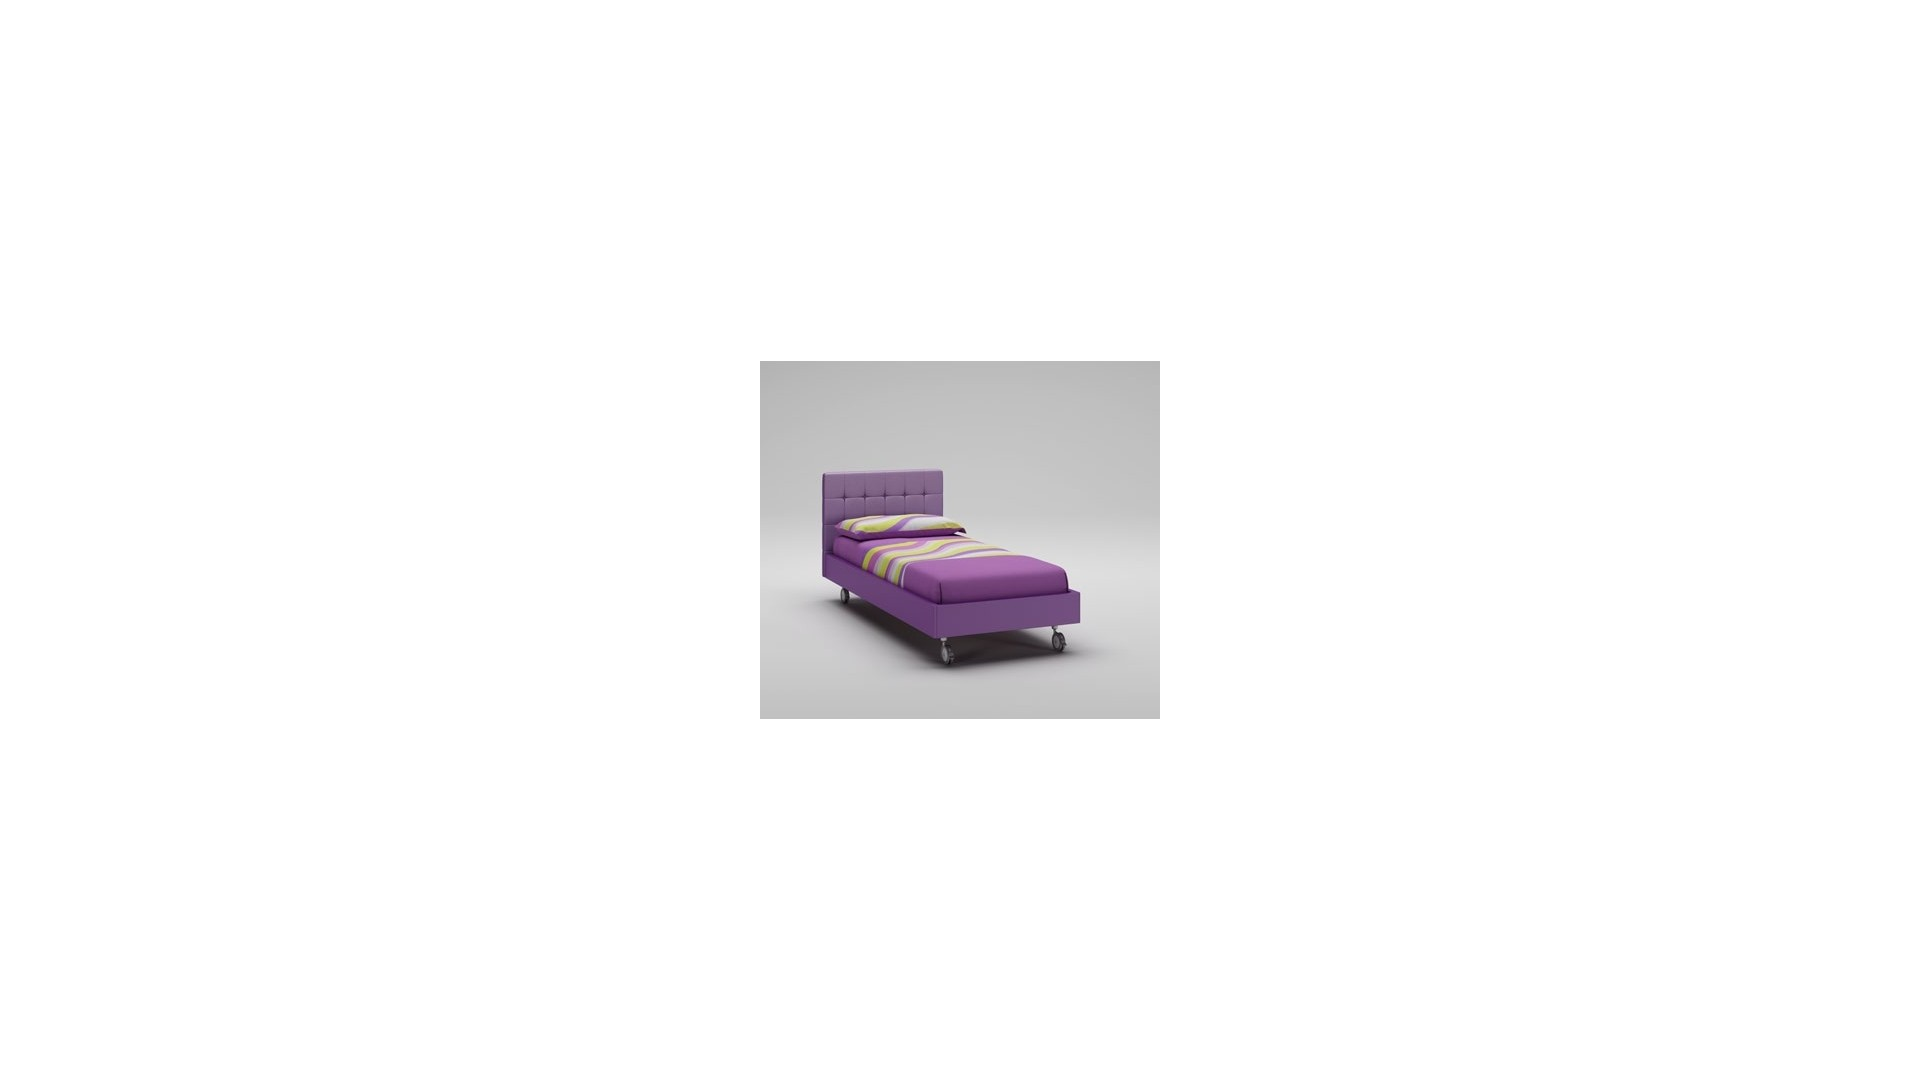 Lit fille PERSONNALISABLE WL041 de 90 x 200 couleur mauve avec tête de lit rembourrée - MORETTI COMPACT